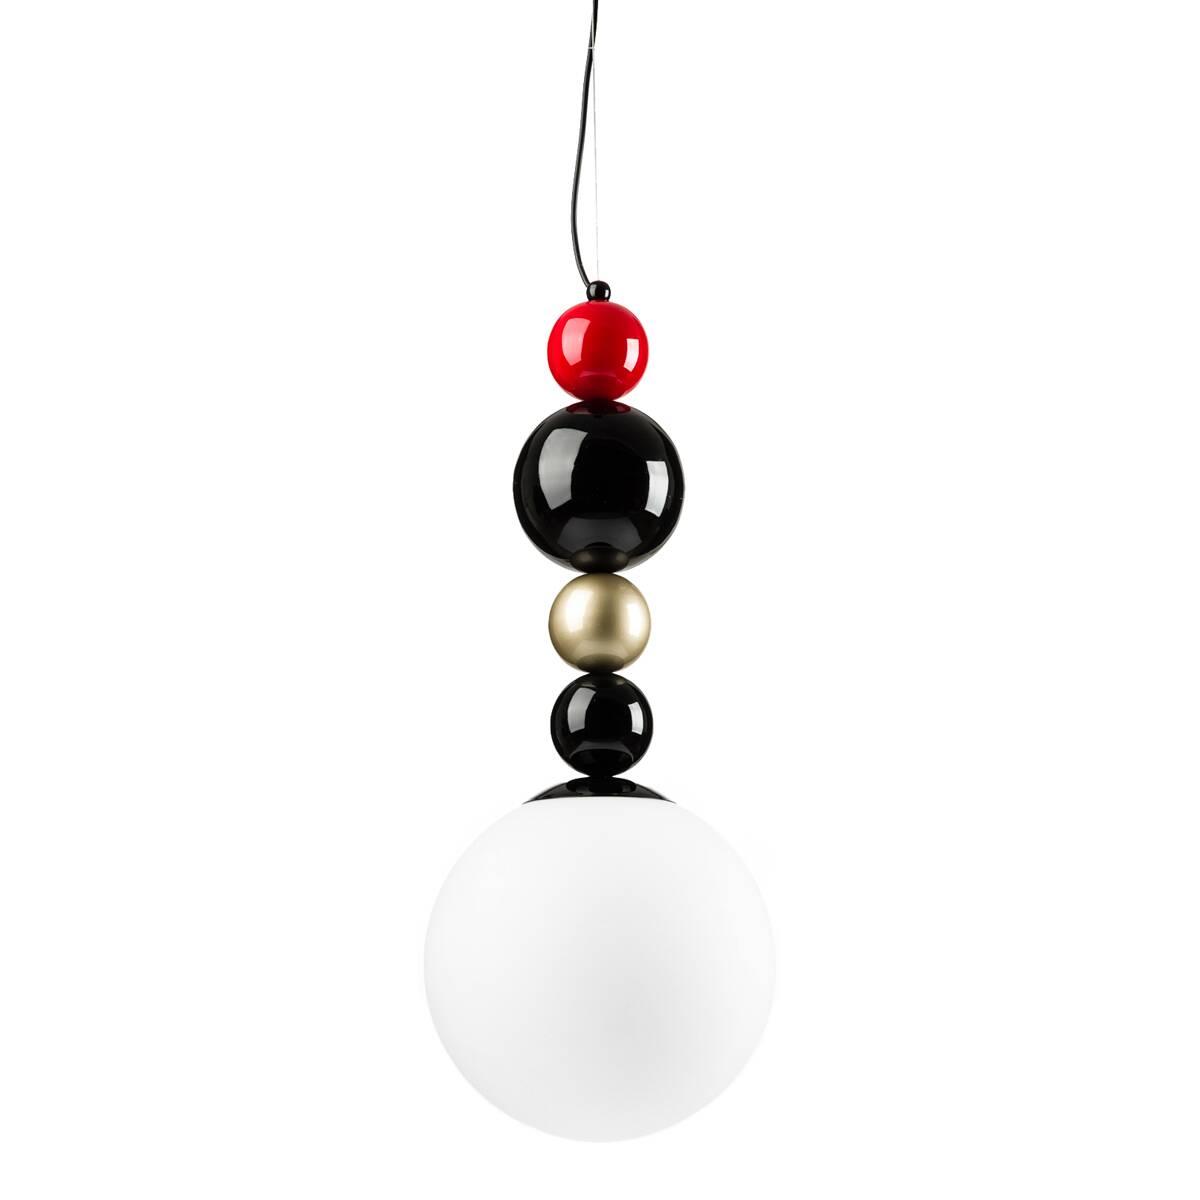 Подвесной светильник RGBПодвесные<br>Перед вами необычный стильный подвесной светильник, изобретение шведского дизайнера Фредрика Маттсона. Превосходное сочетание выразительного внешнего облика и прагматичной функциональности — вот характерные черты данного предмета.<br><br><br> Абажур светильника выполнен из белого матового стекла и имеет форму шара с диаметром 30 см. Закрепленный на металлическом стержне, на который нанизаны разнокалиберные цветные бусины, он не только радует глаз ювелирной красотой облика, но и обеспечивает ра...<br><br>stock: 1<br>Высота: 150<br>Диаметр: 30<br>Количество ламп: 1<br>Материал абажура: Стекло<br>Материал арматуры: Металл<br>Ламп в комплекте: Нет<br>Напряжение: 220<br>Тип лампы/цоколь: E14<br>Цвет абажура: Белый<br>Цвет арматуры: Разноцветный